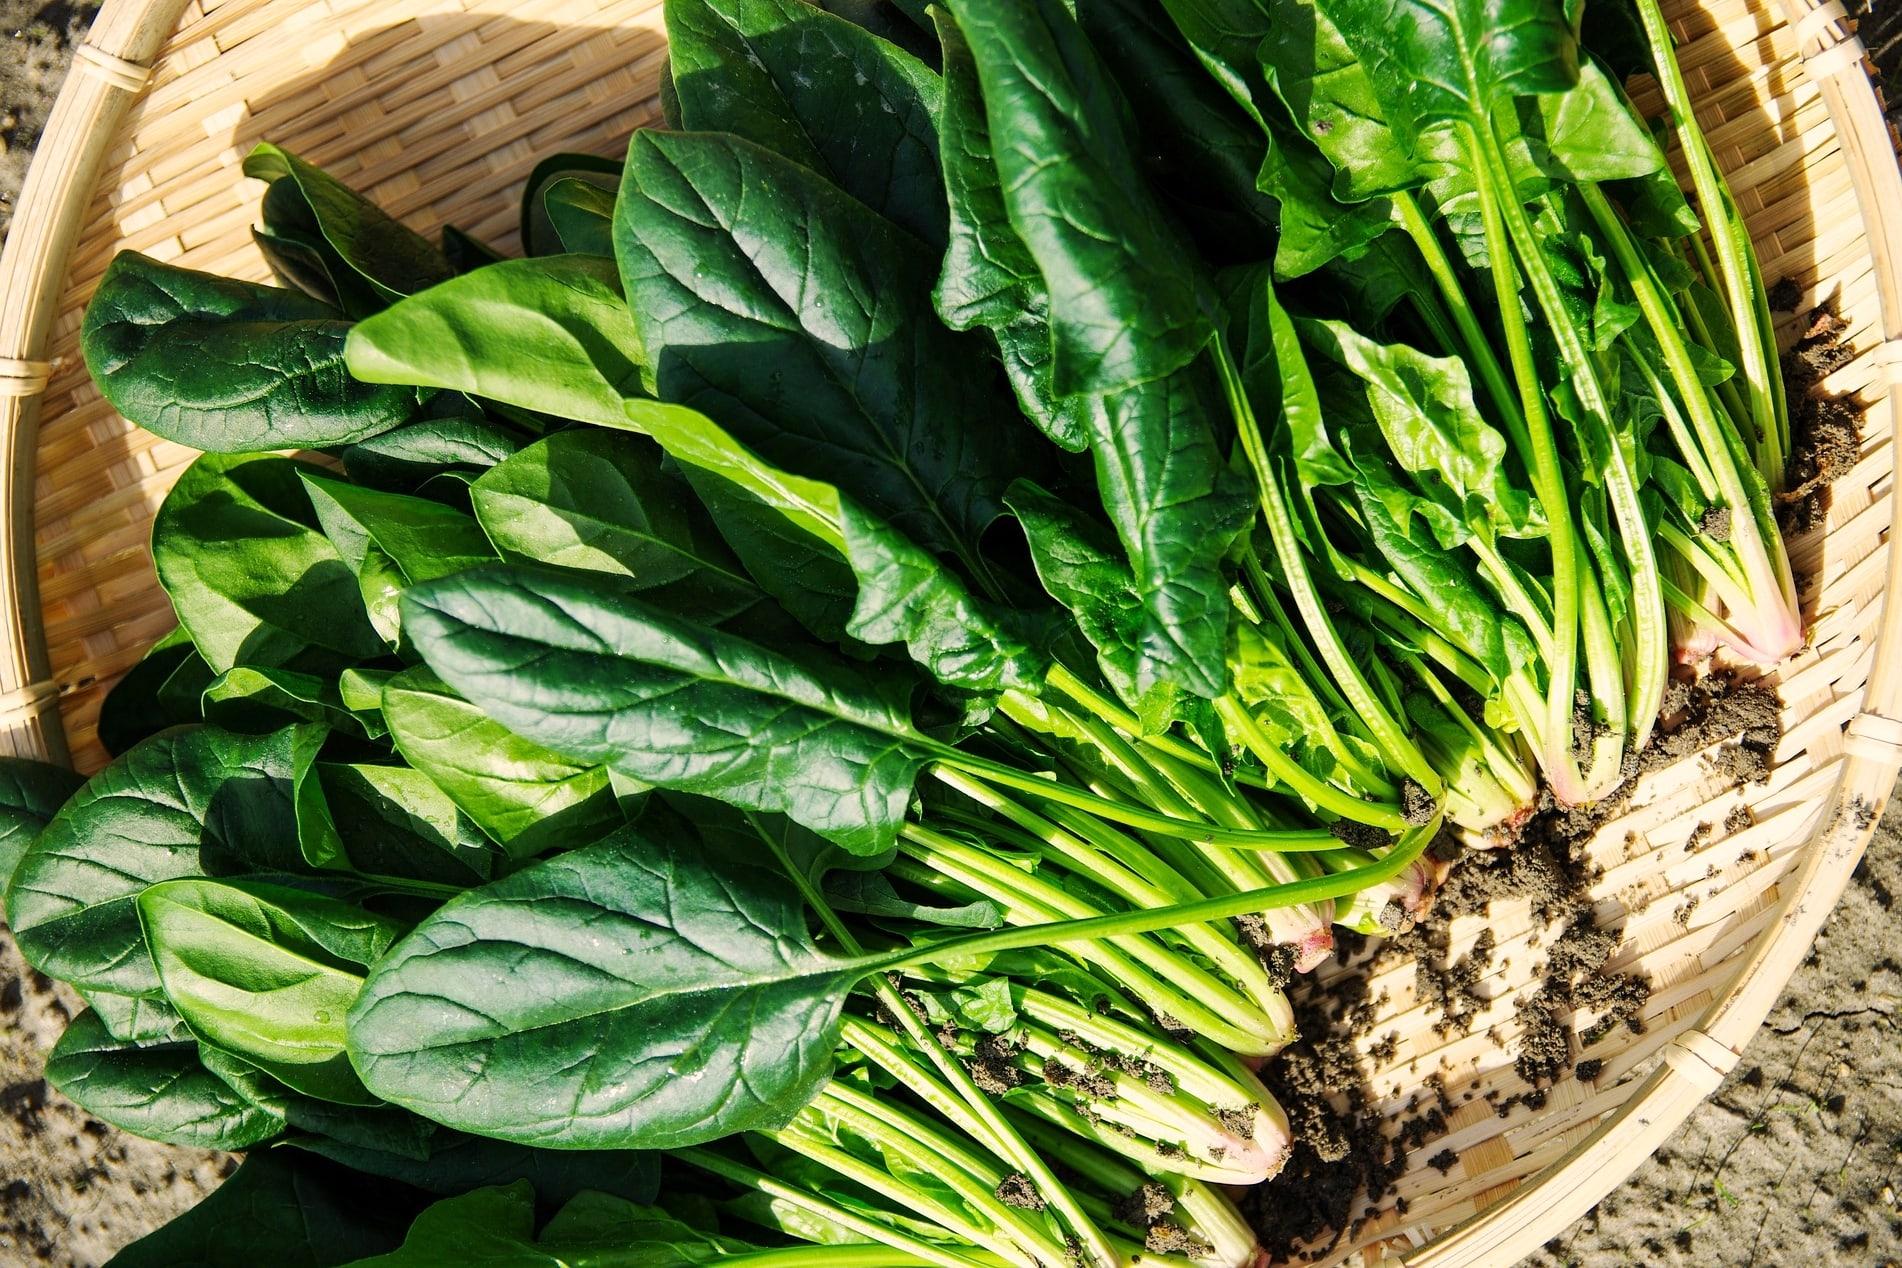 Jungpflanzenanzucht Gemüse Spinat